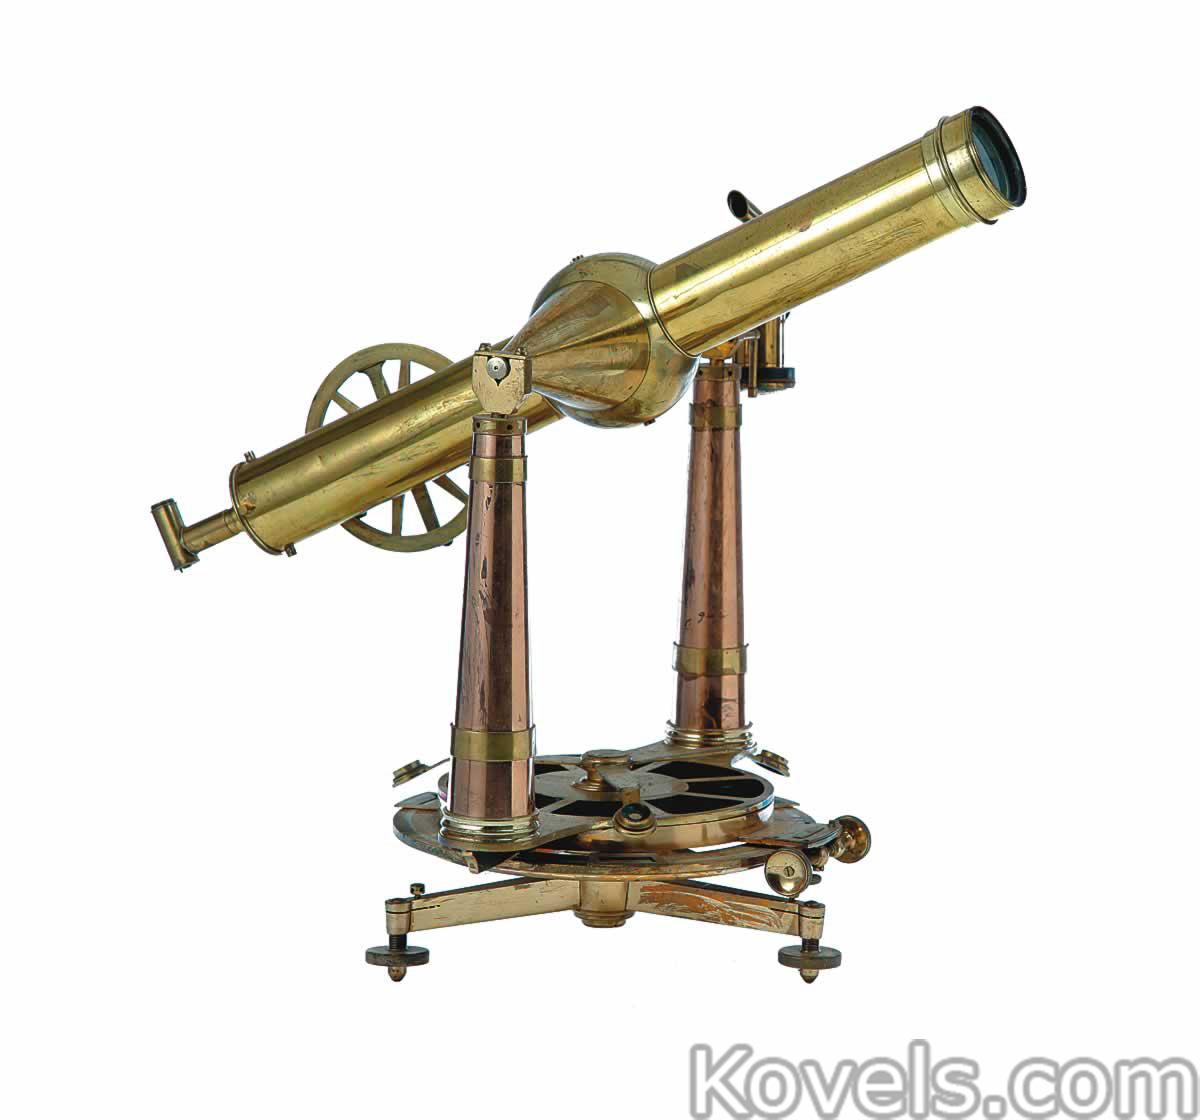 scientific-instrument-telescope-thomas-jones-ga110714-1113.jpg